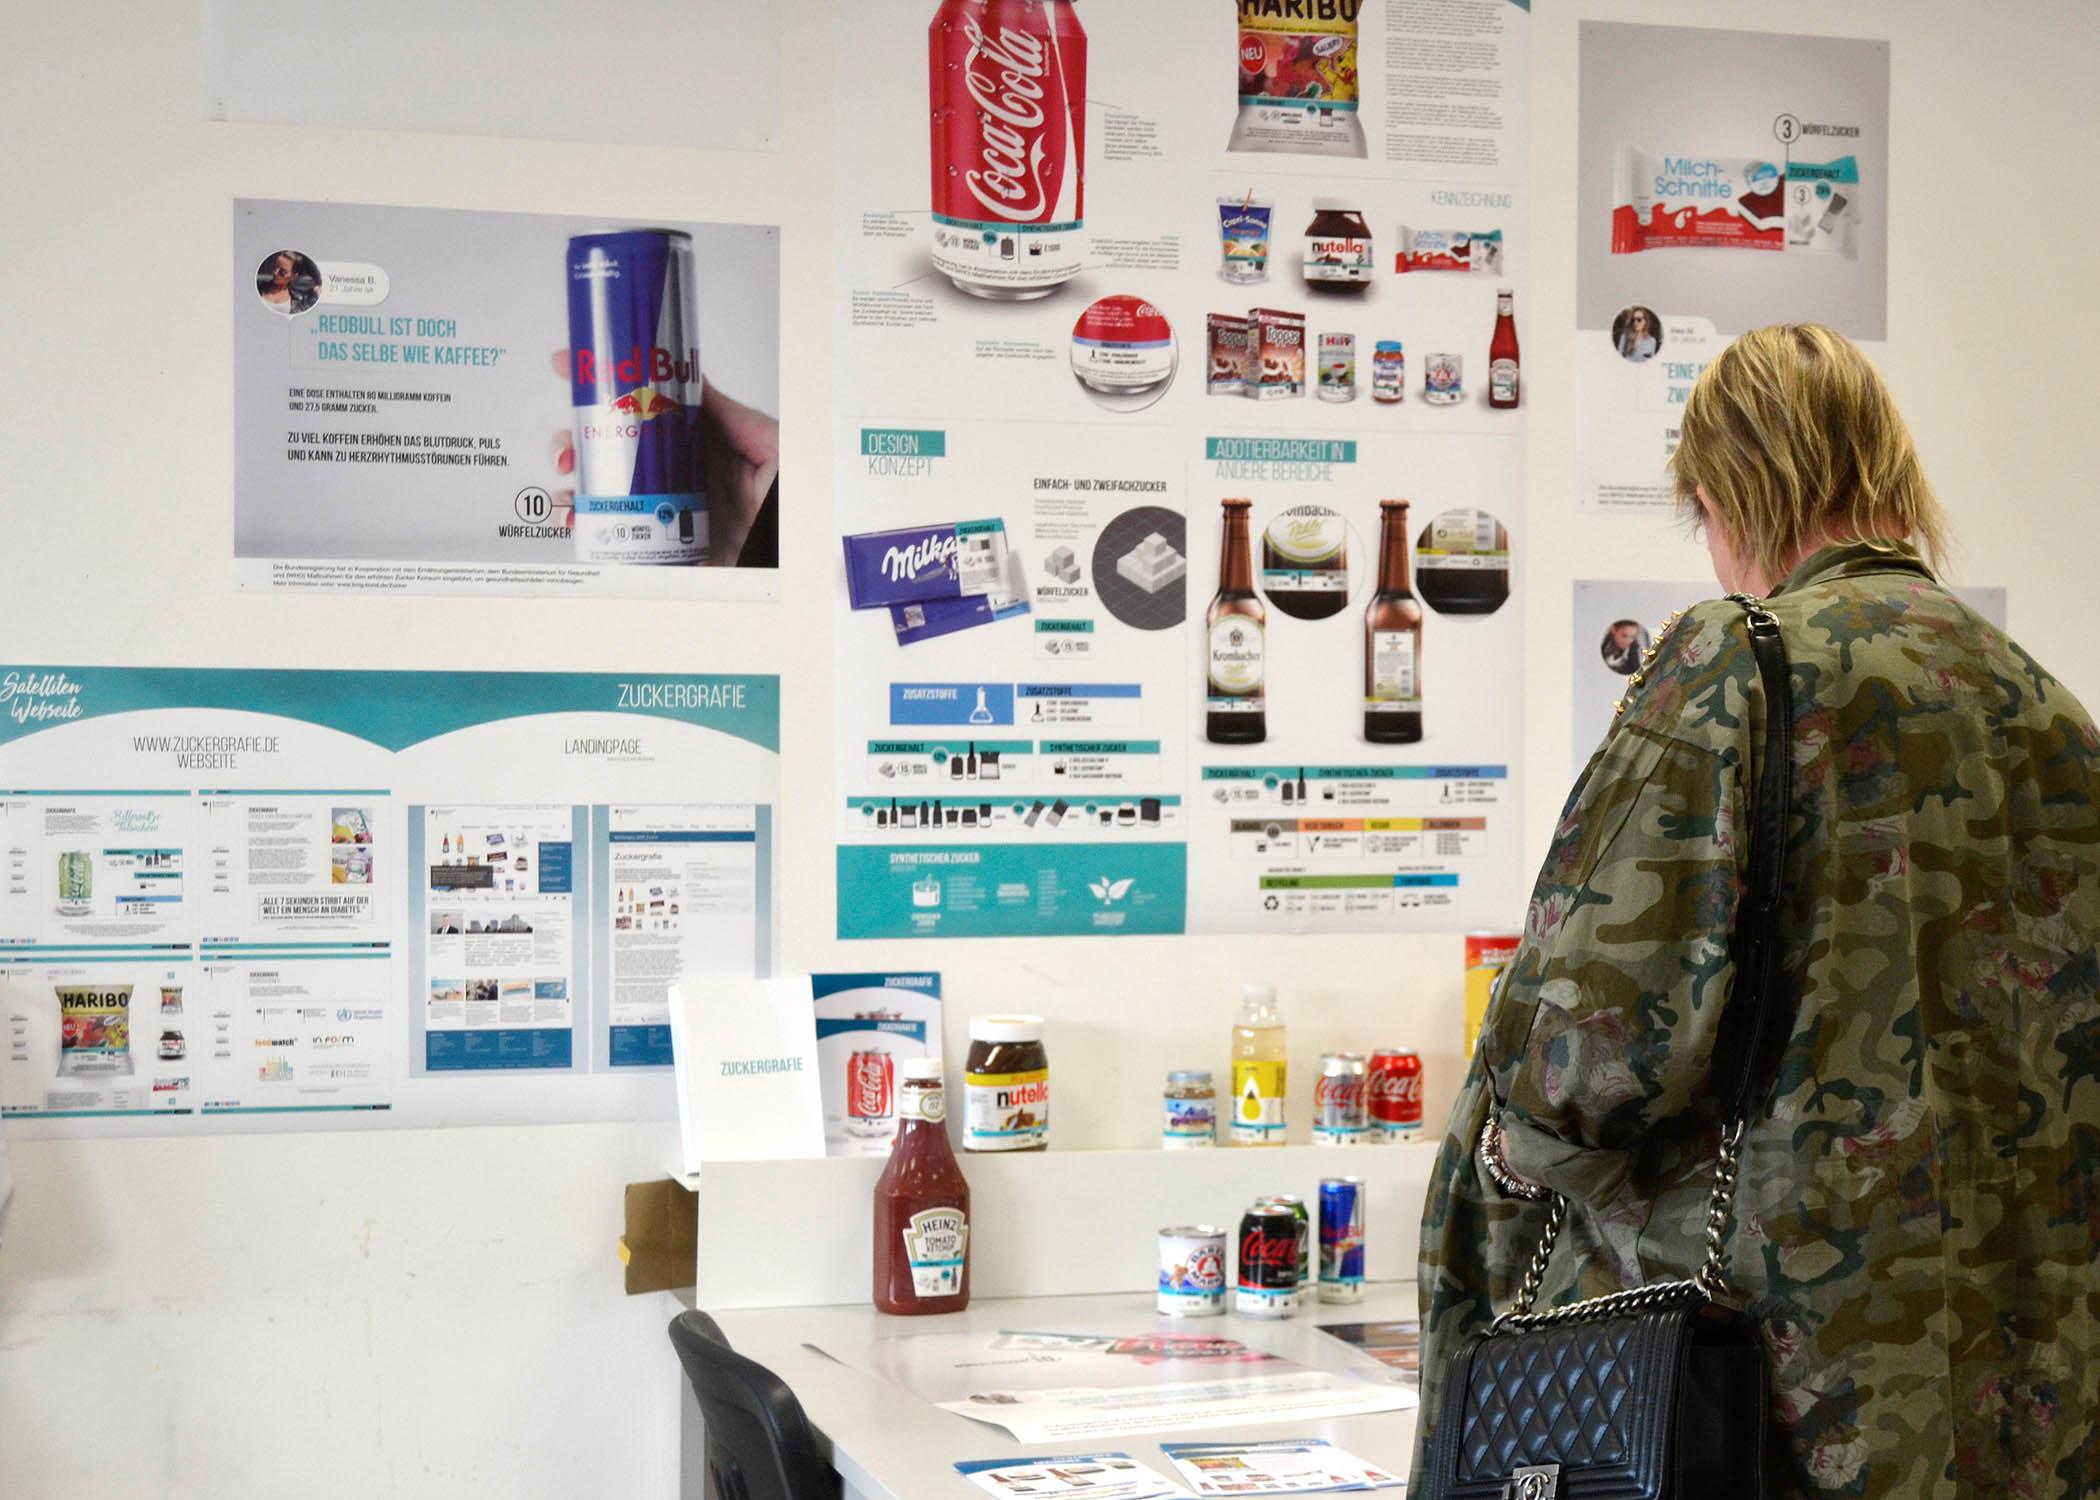 Wie könnten Produkt- und Hersteller-übergreifende Etiketten mit Zuckerangaben aussehen? In einer Abschlussarbeit wurde ein entsprechender Entwurf entwickelt.